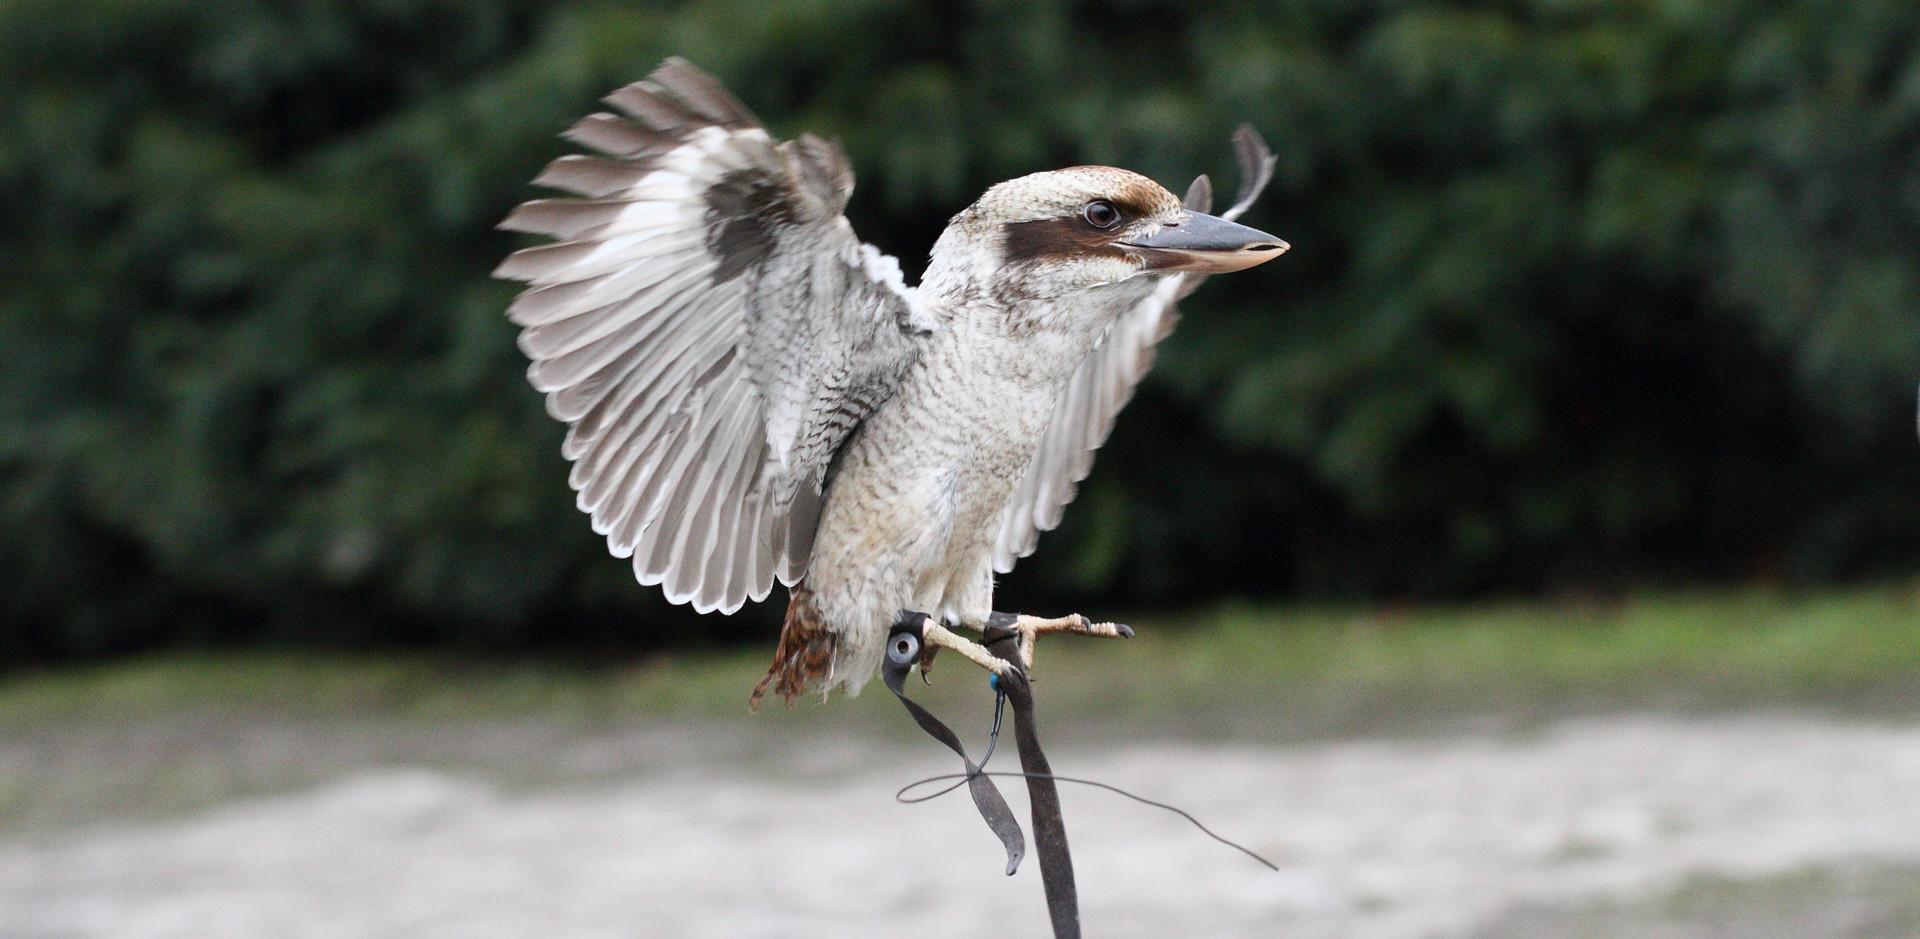 Kookaburra in a flying display